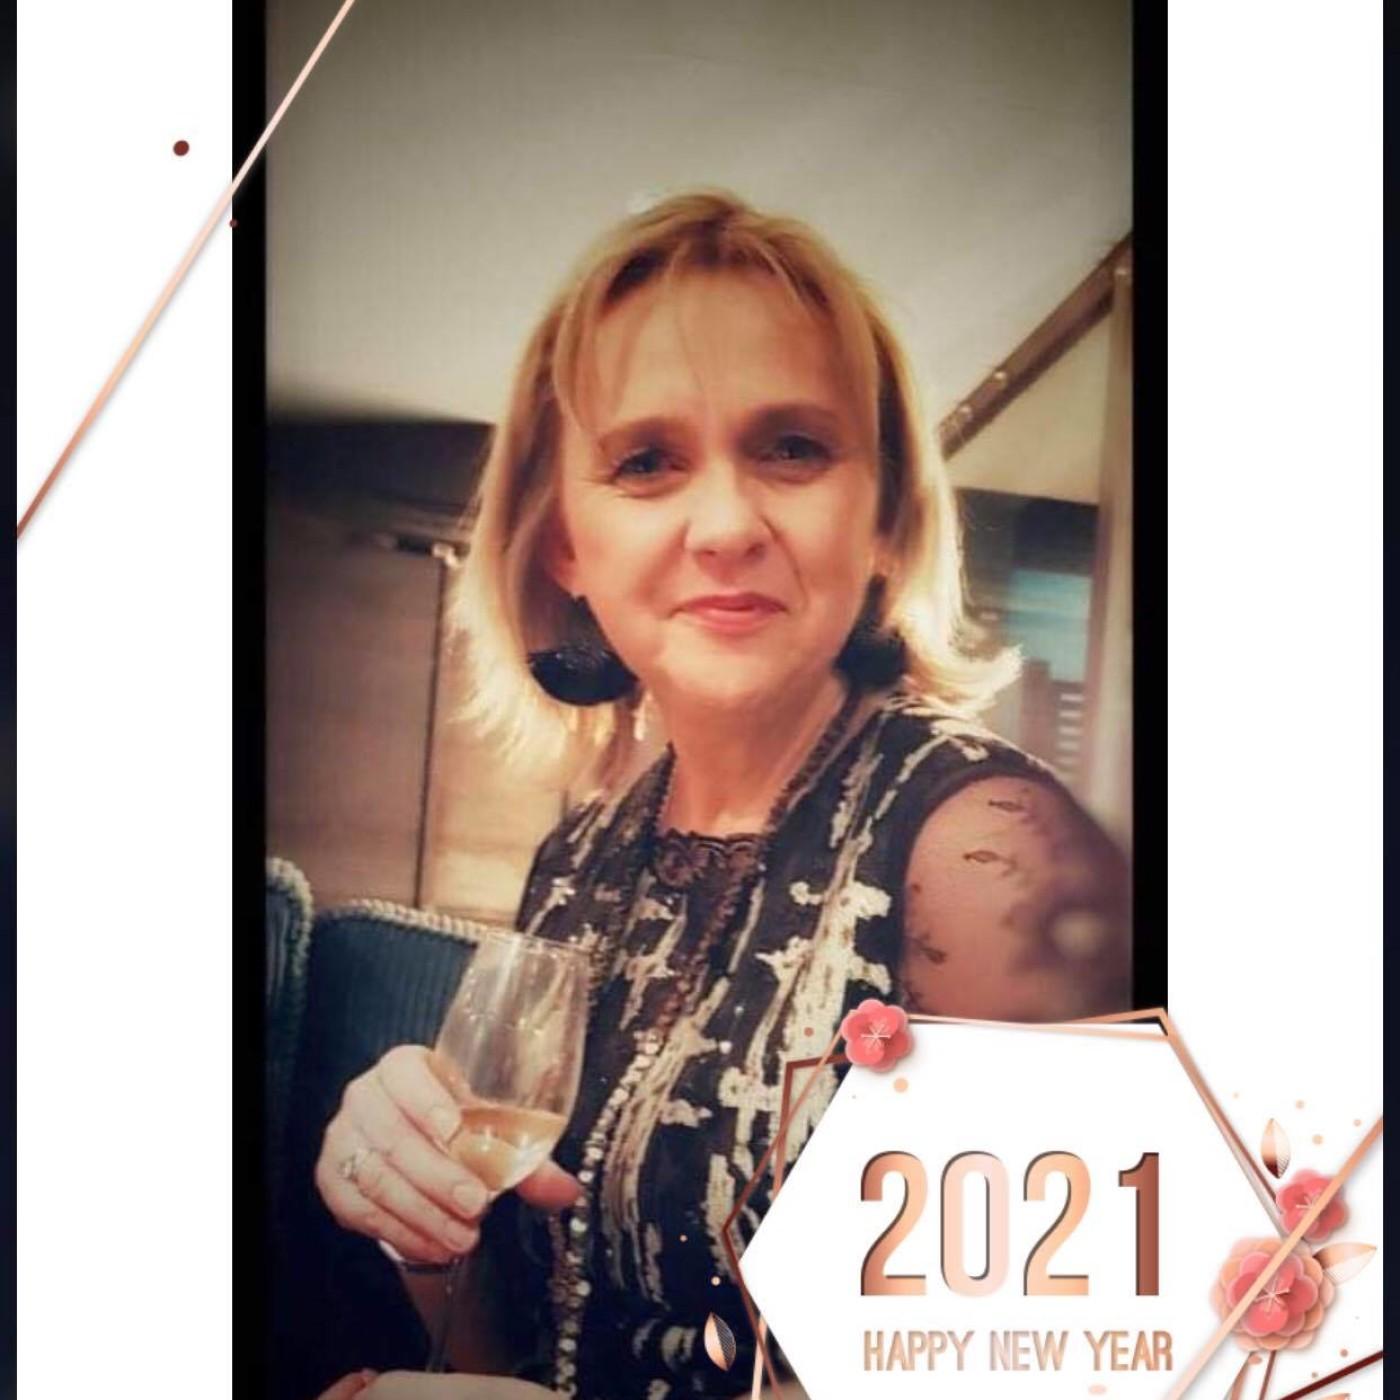 Echange sur l'actualité avec Catherine Osson, députée du Nord - 06 01 2021 - StereoChic Radio